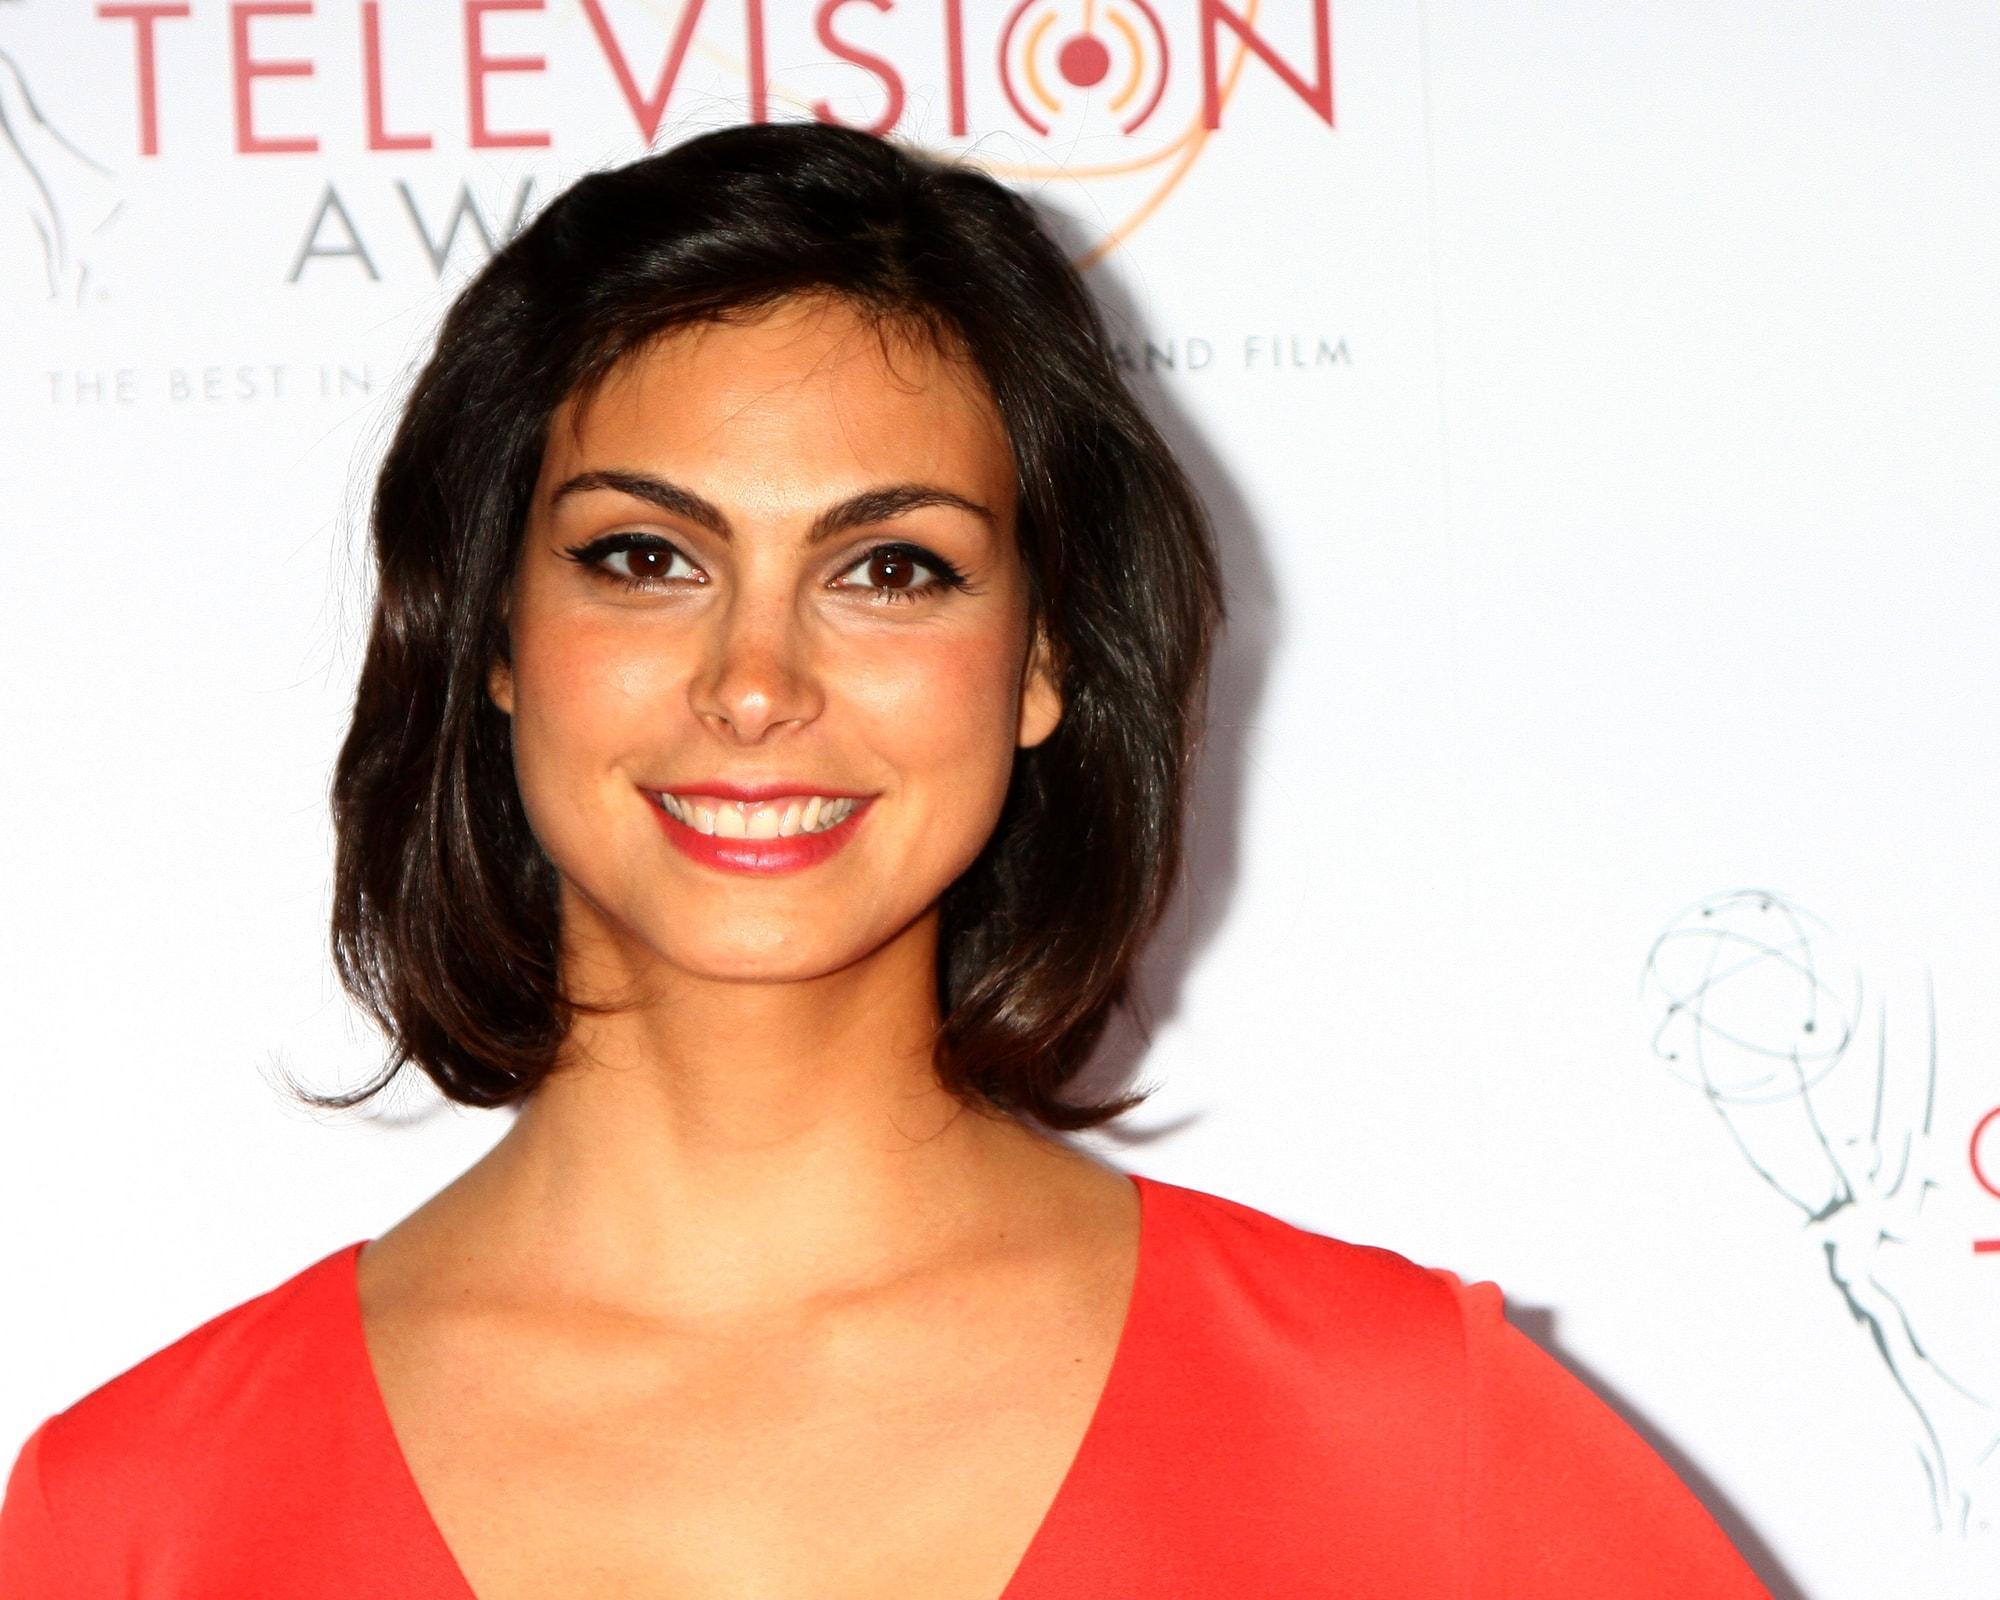 Актриса Морена Баккарин жалеет, что ей досталась маленькая роль в «Дэдпул 2»